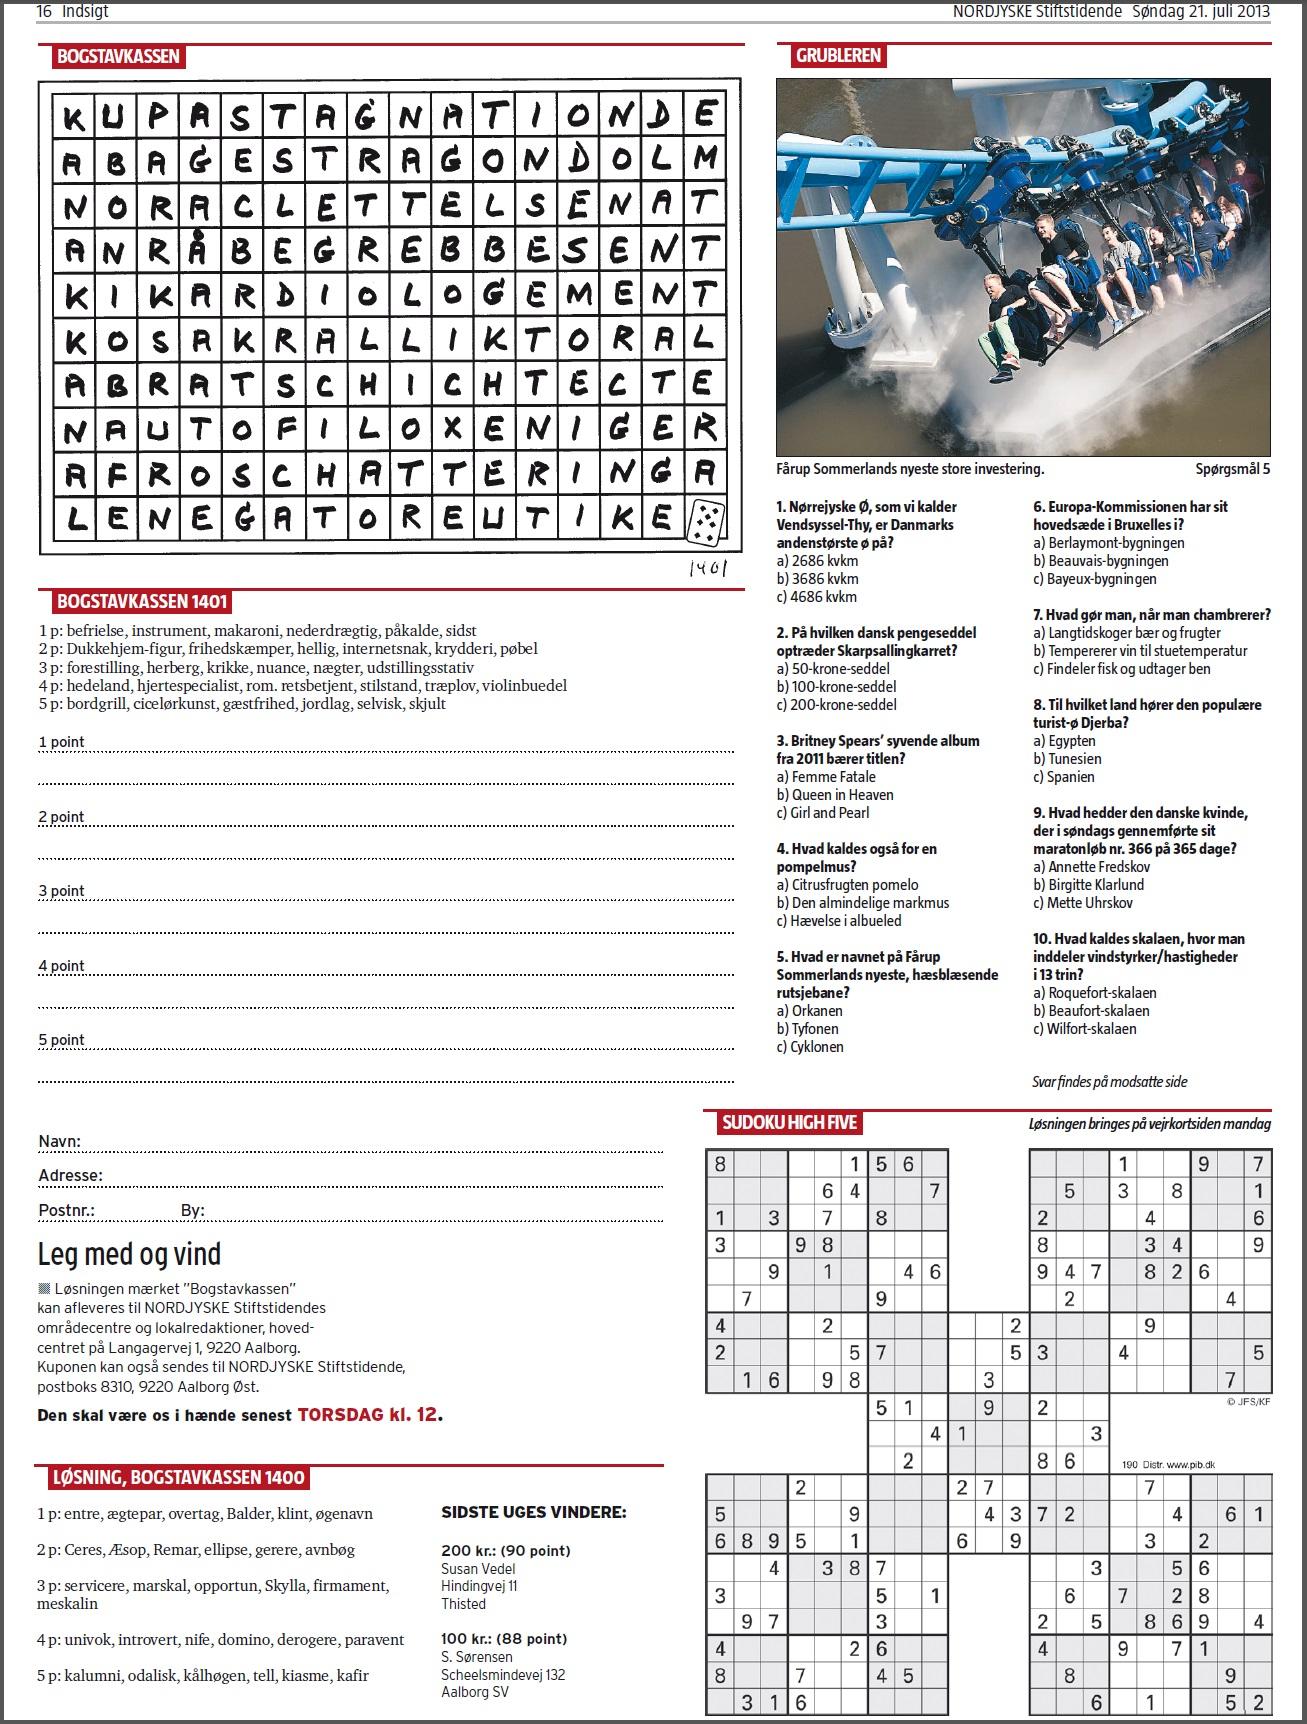 Nordjyske Stiftstidende 2013.07.21